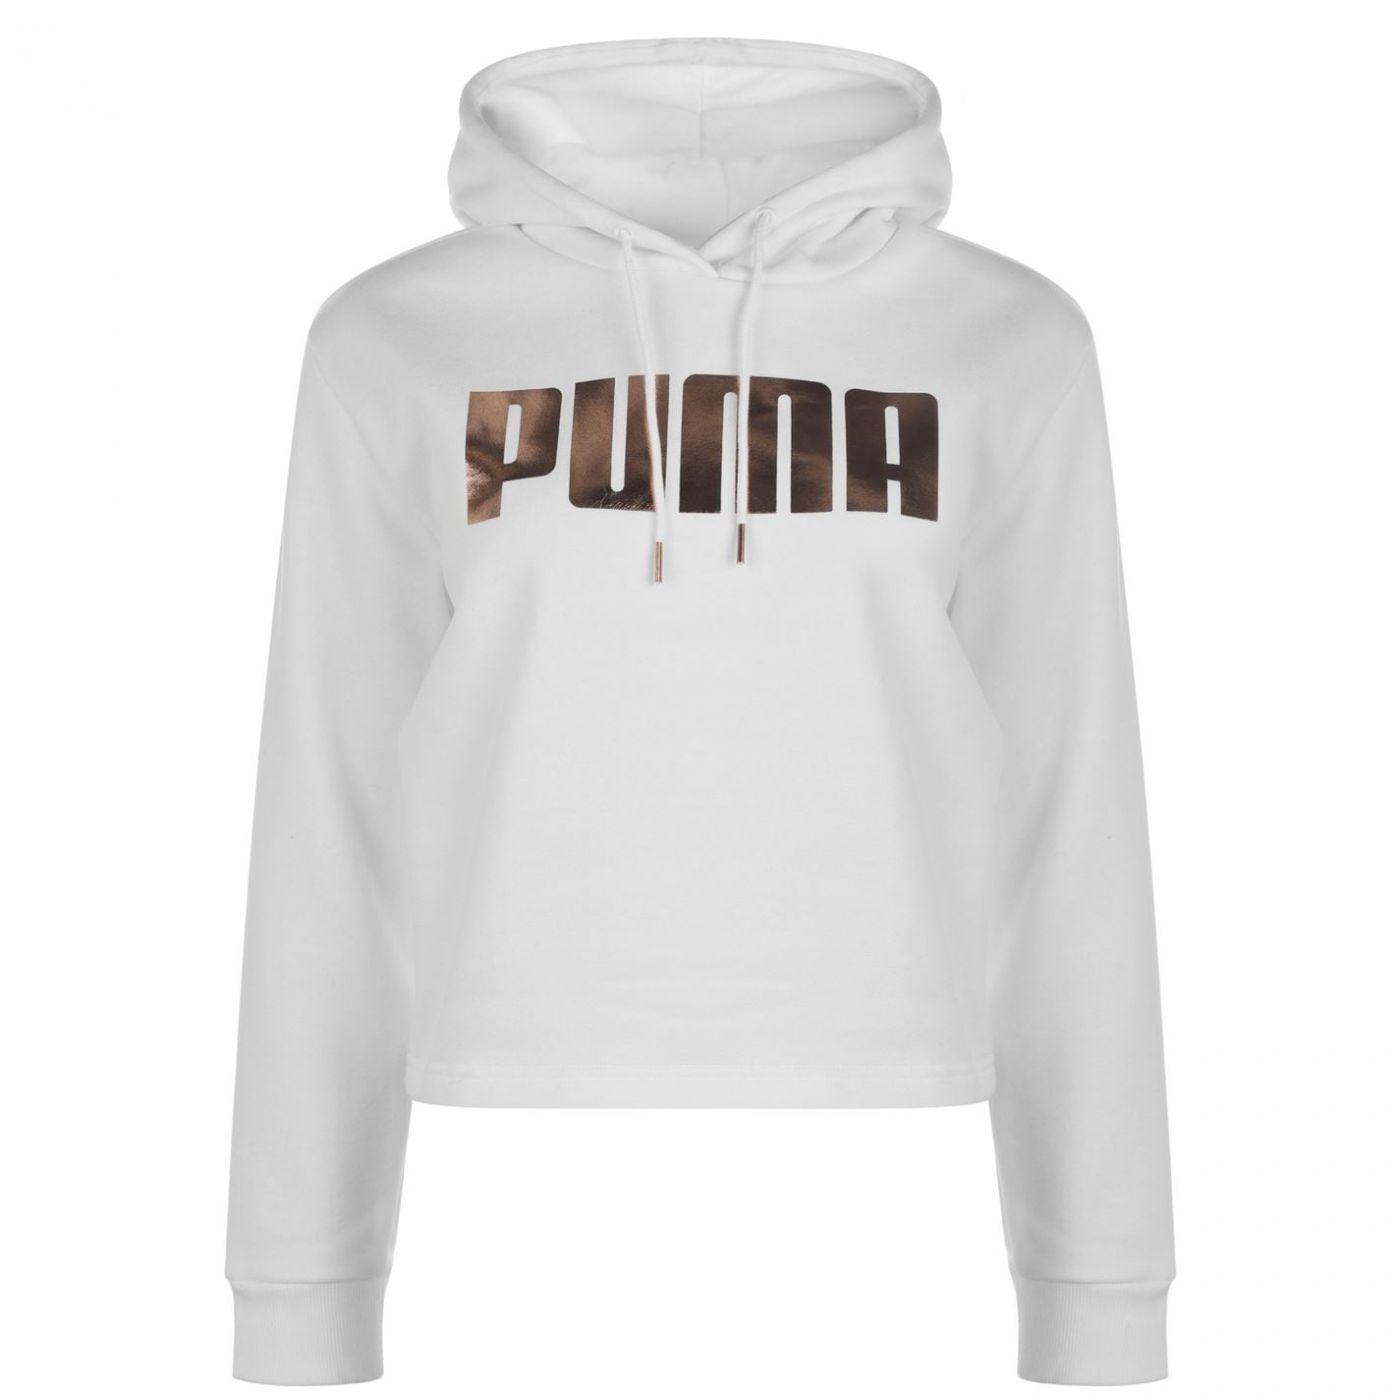 Puma Holiday Hoodie Ladies